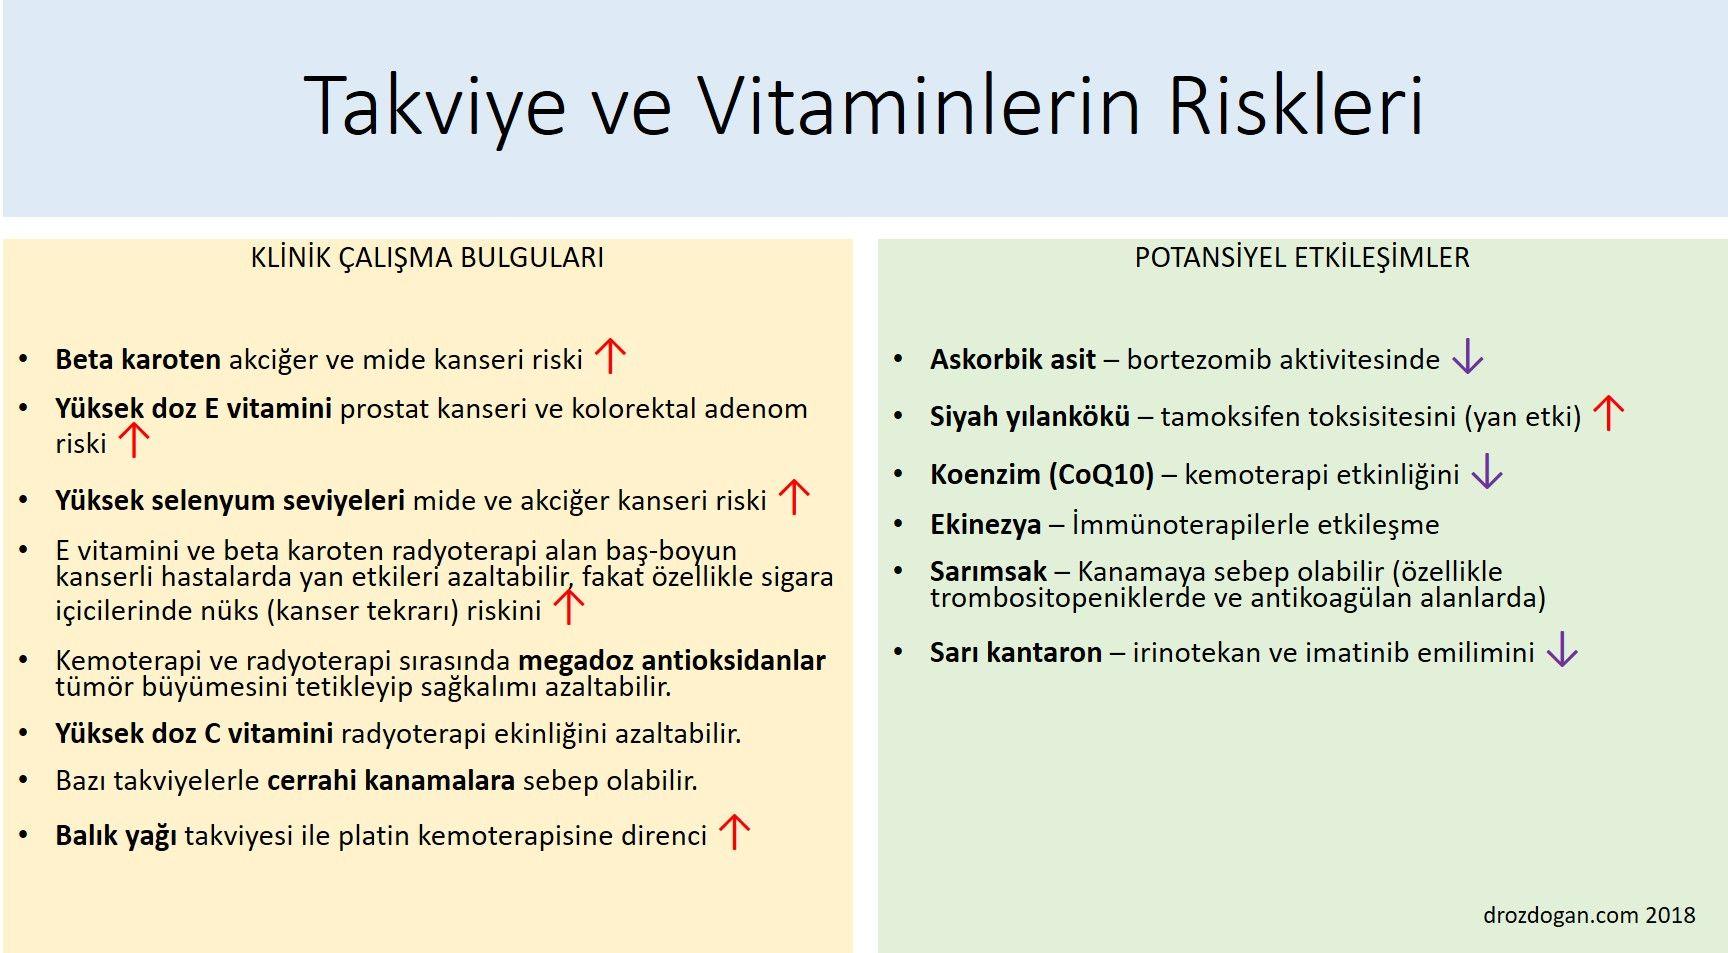 takviye ve vitaminlerin kanserde riskleri zararları